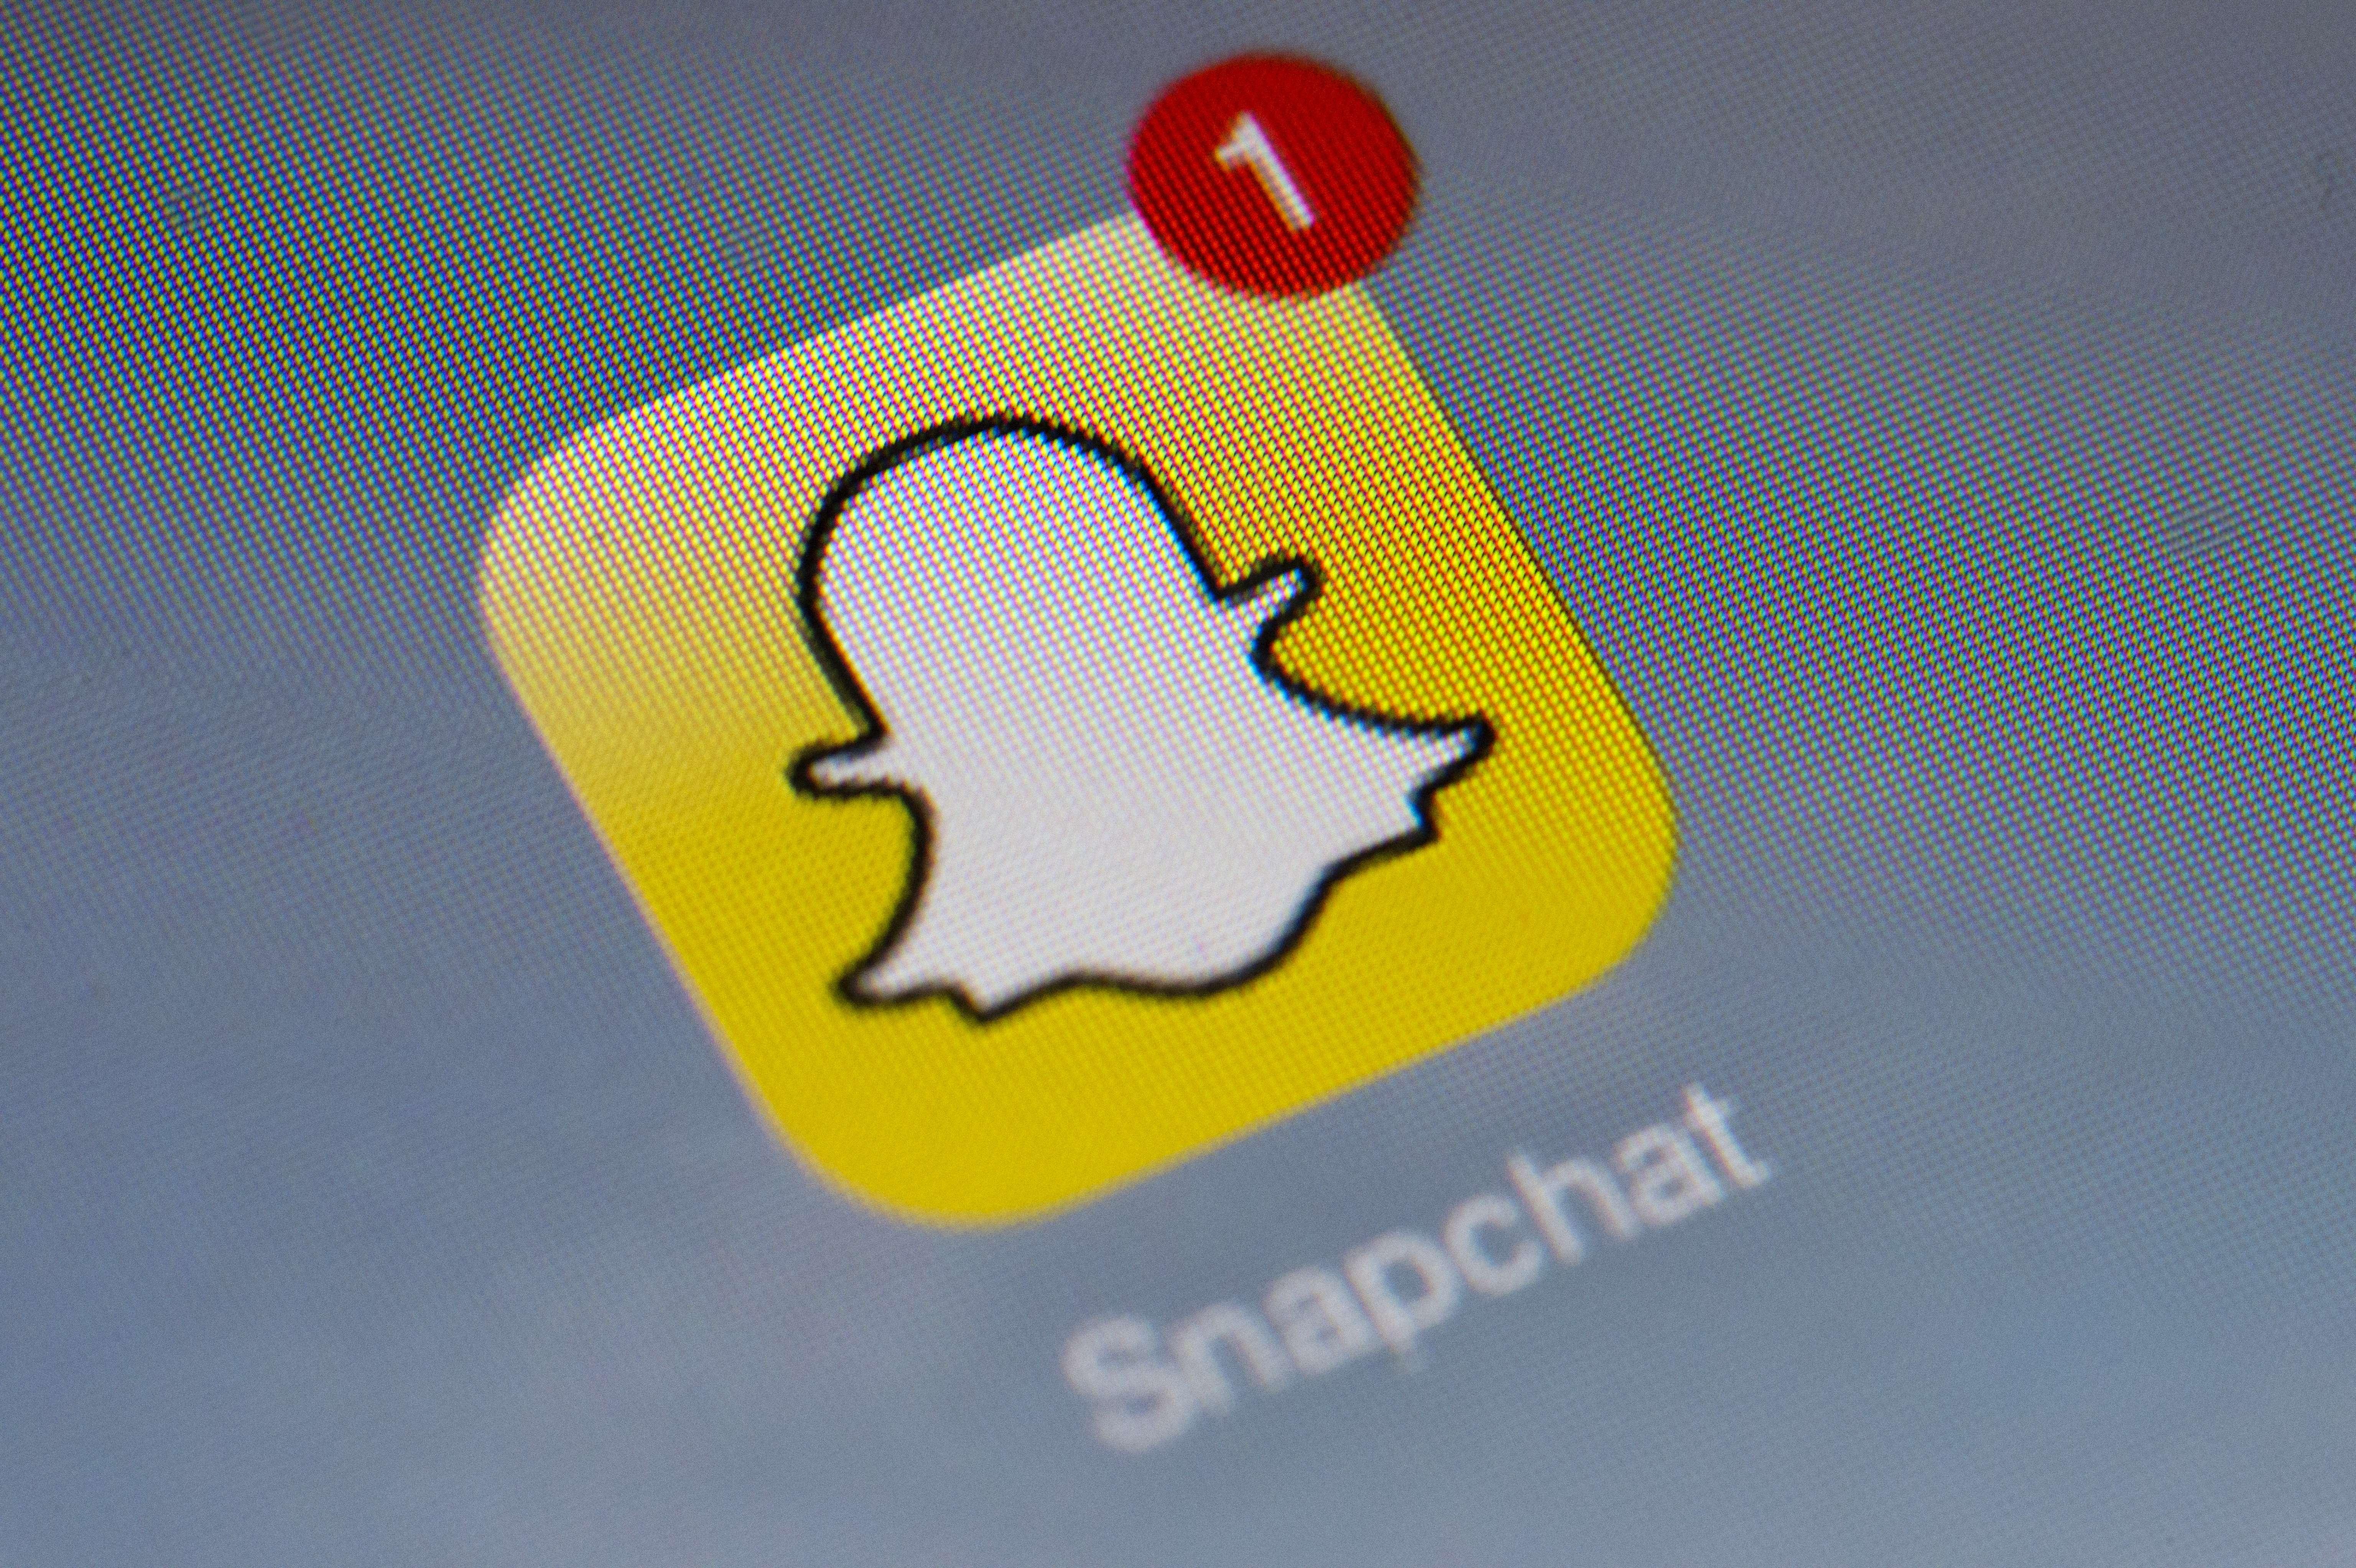 Bob Marley Snapchat Filter Has Internet Users Enraged